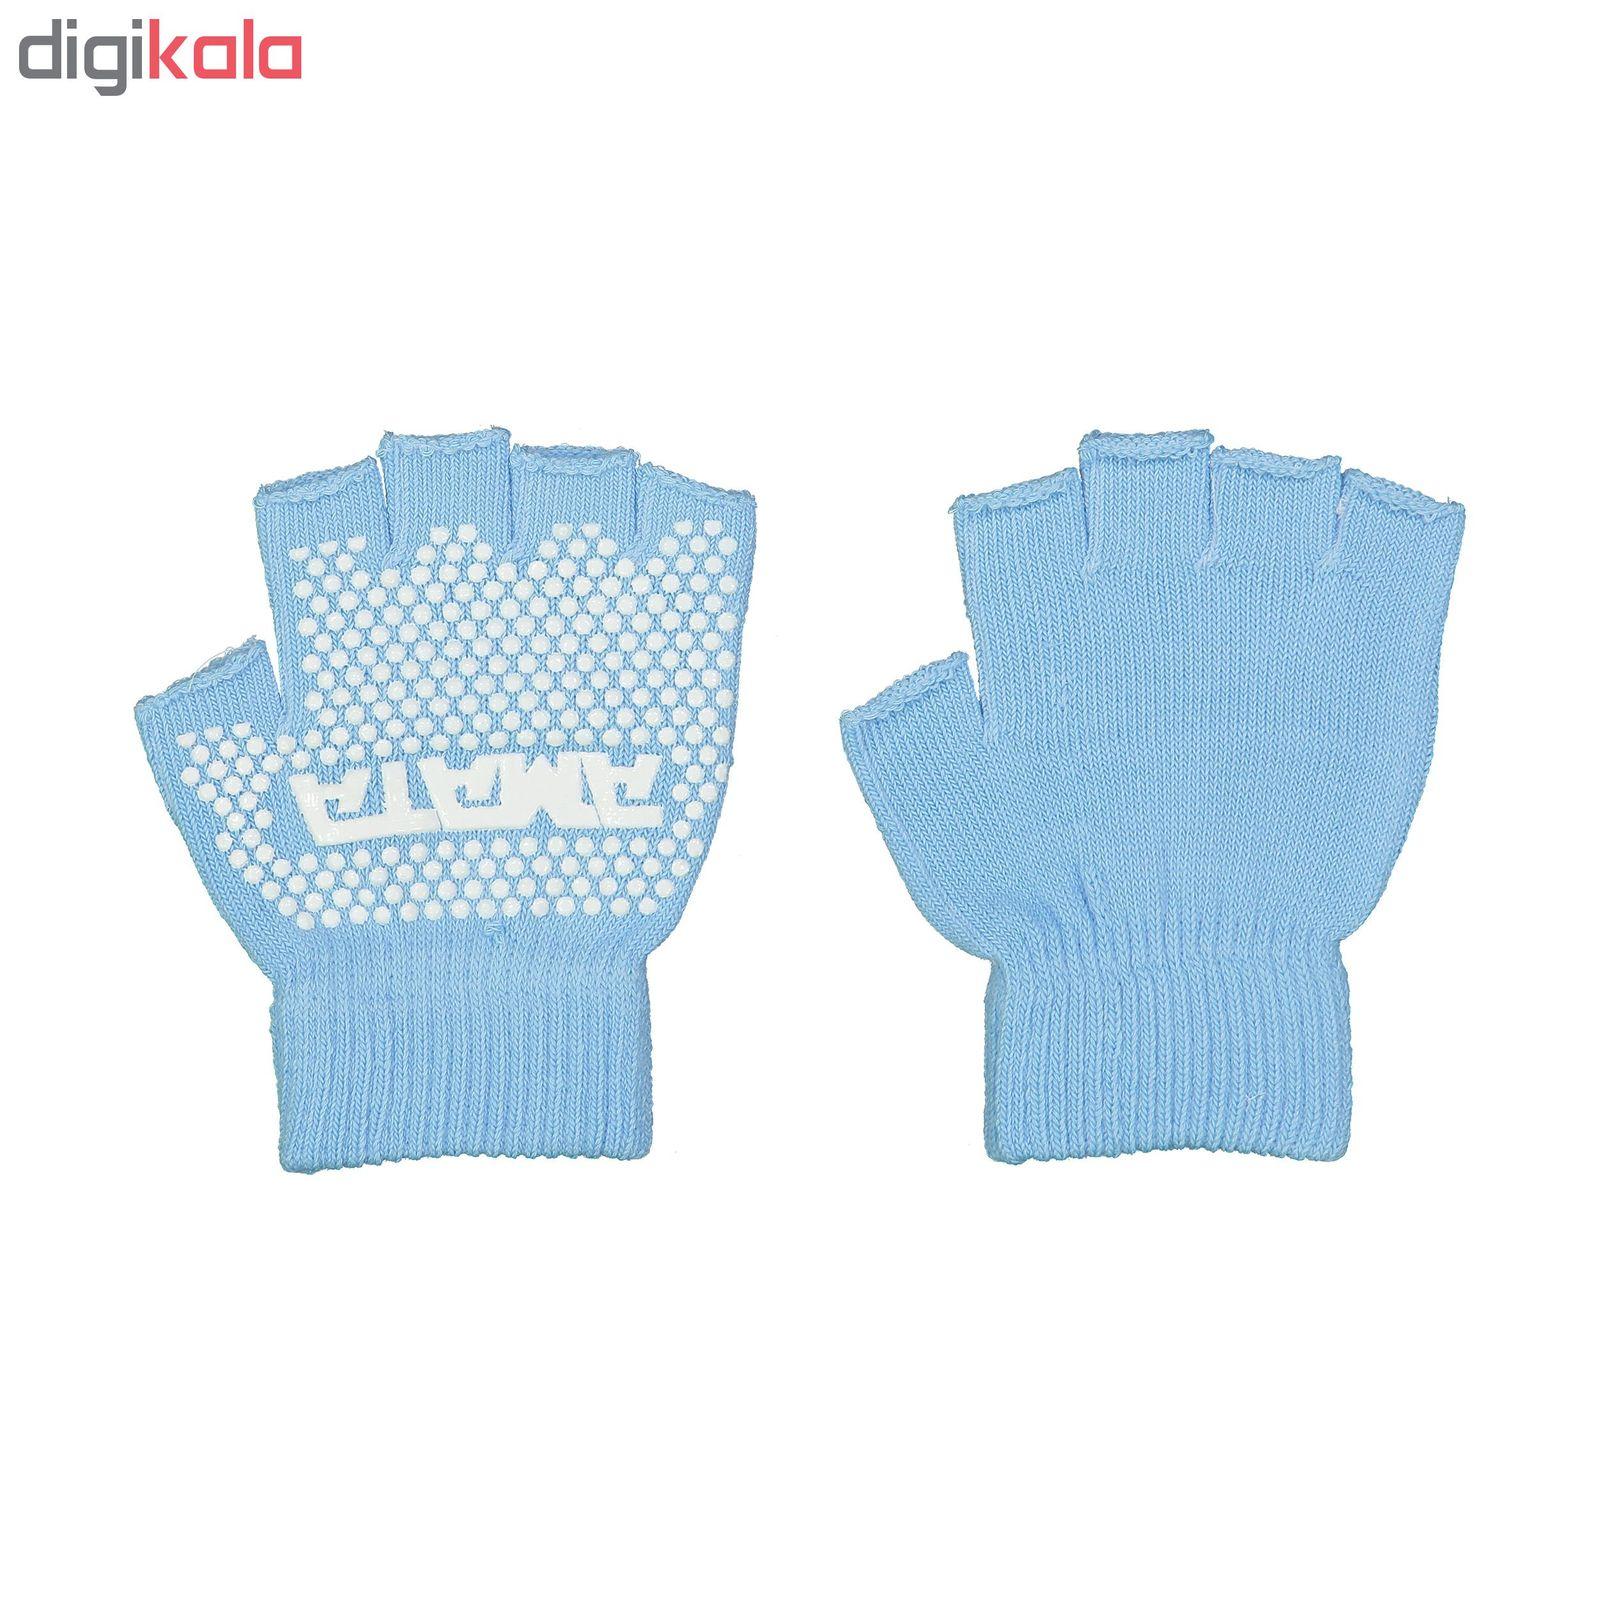 دستکش ورزشی کد 105 main 1 4